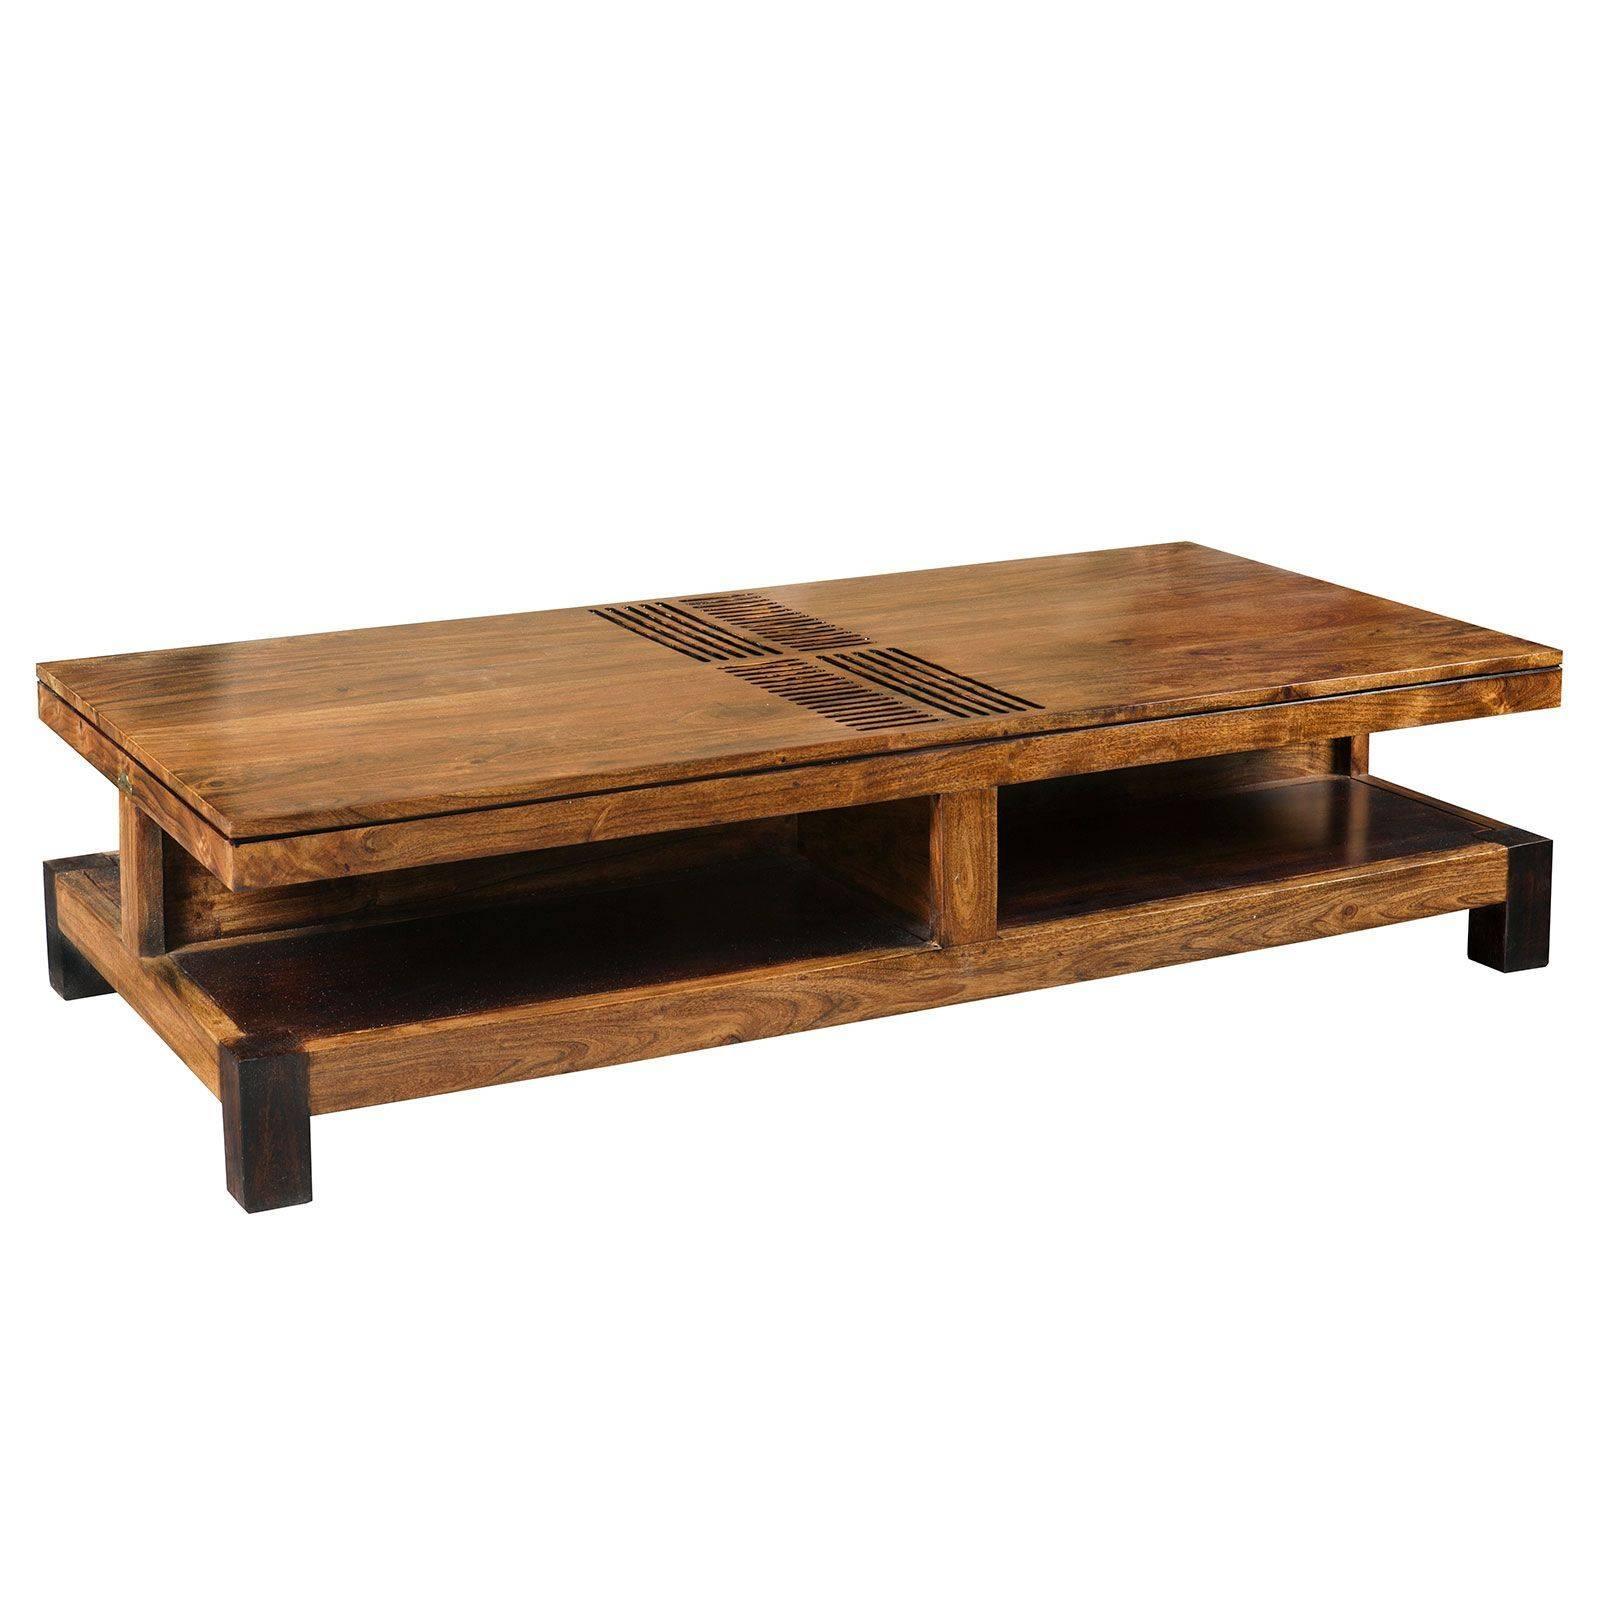 Grande table basse rectangulaire bois sculpté de qualité